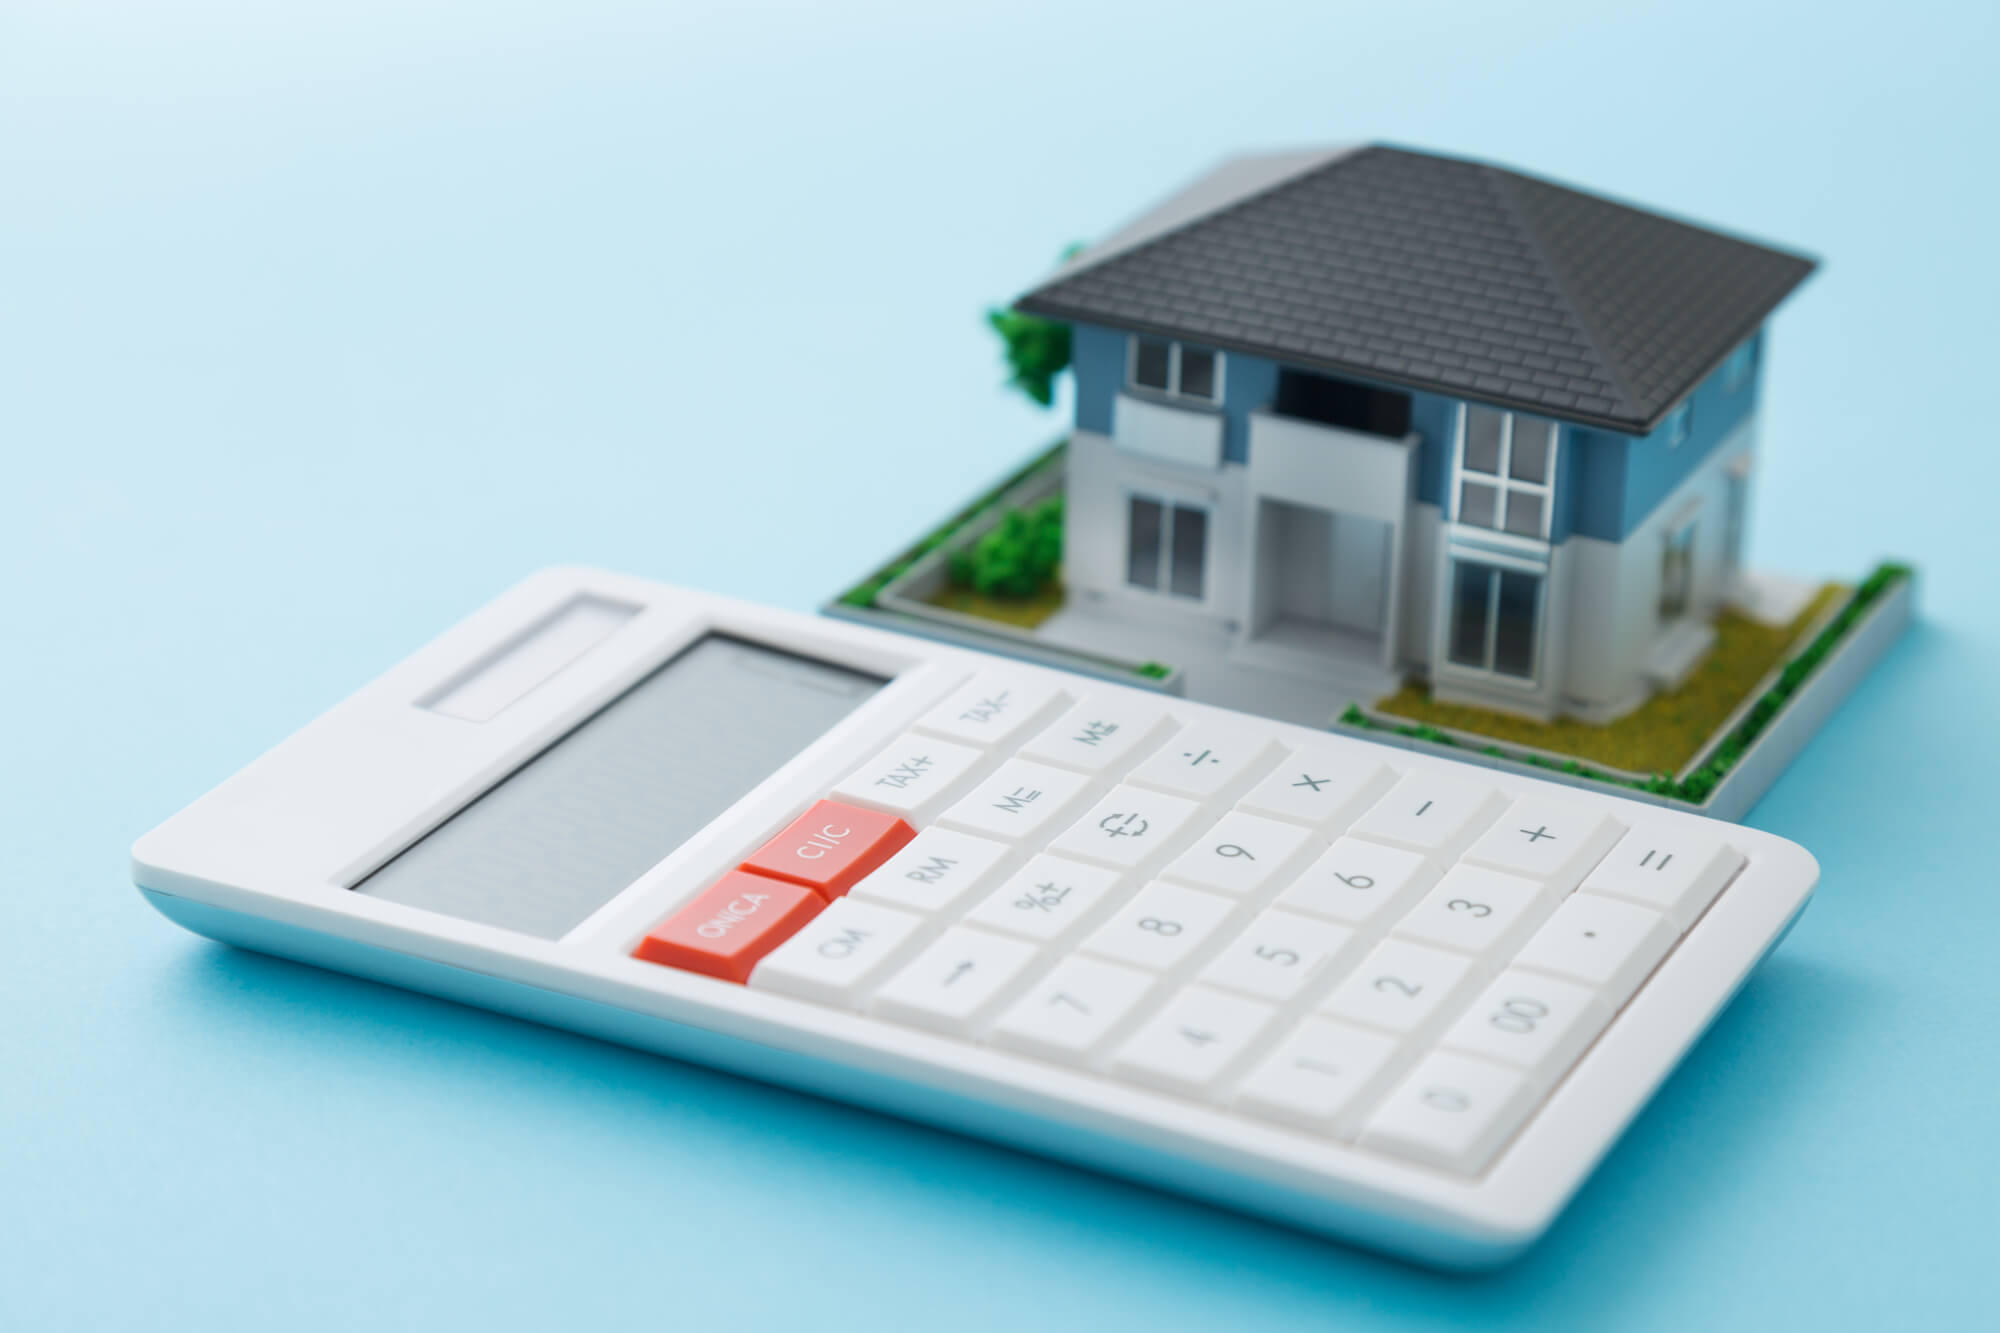 家賃収入だけで生計立てるのは難しい・・・実現するための具体的な方法とは